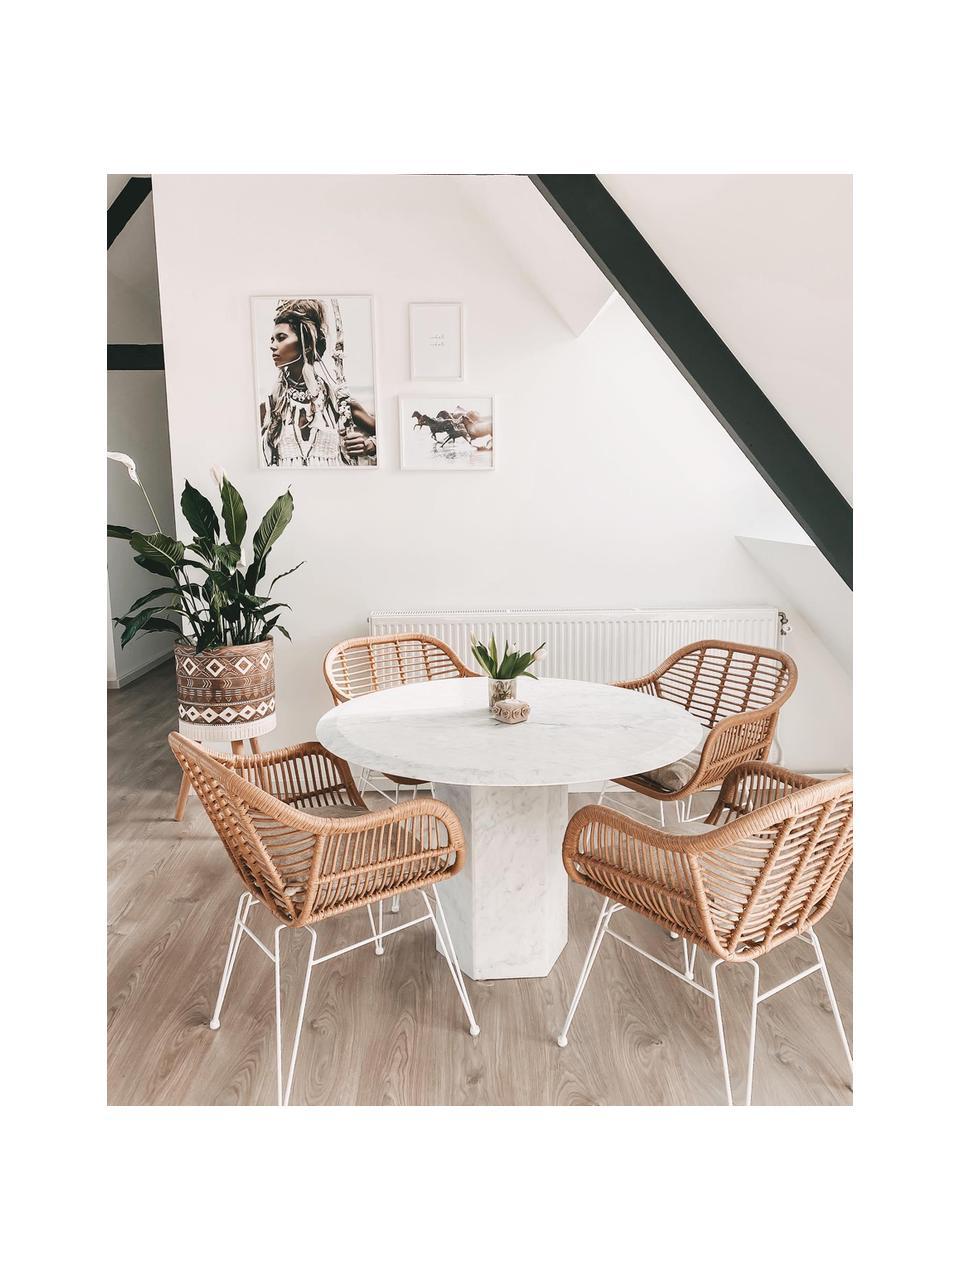 Krzesło z podłokietnikami z polirattanu Costa, 2 szt., Stelaż: metal malowany proszkowo, Jasny brązowy, biały, S 59 x G 58 cm